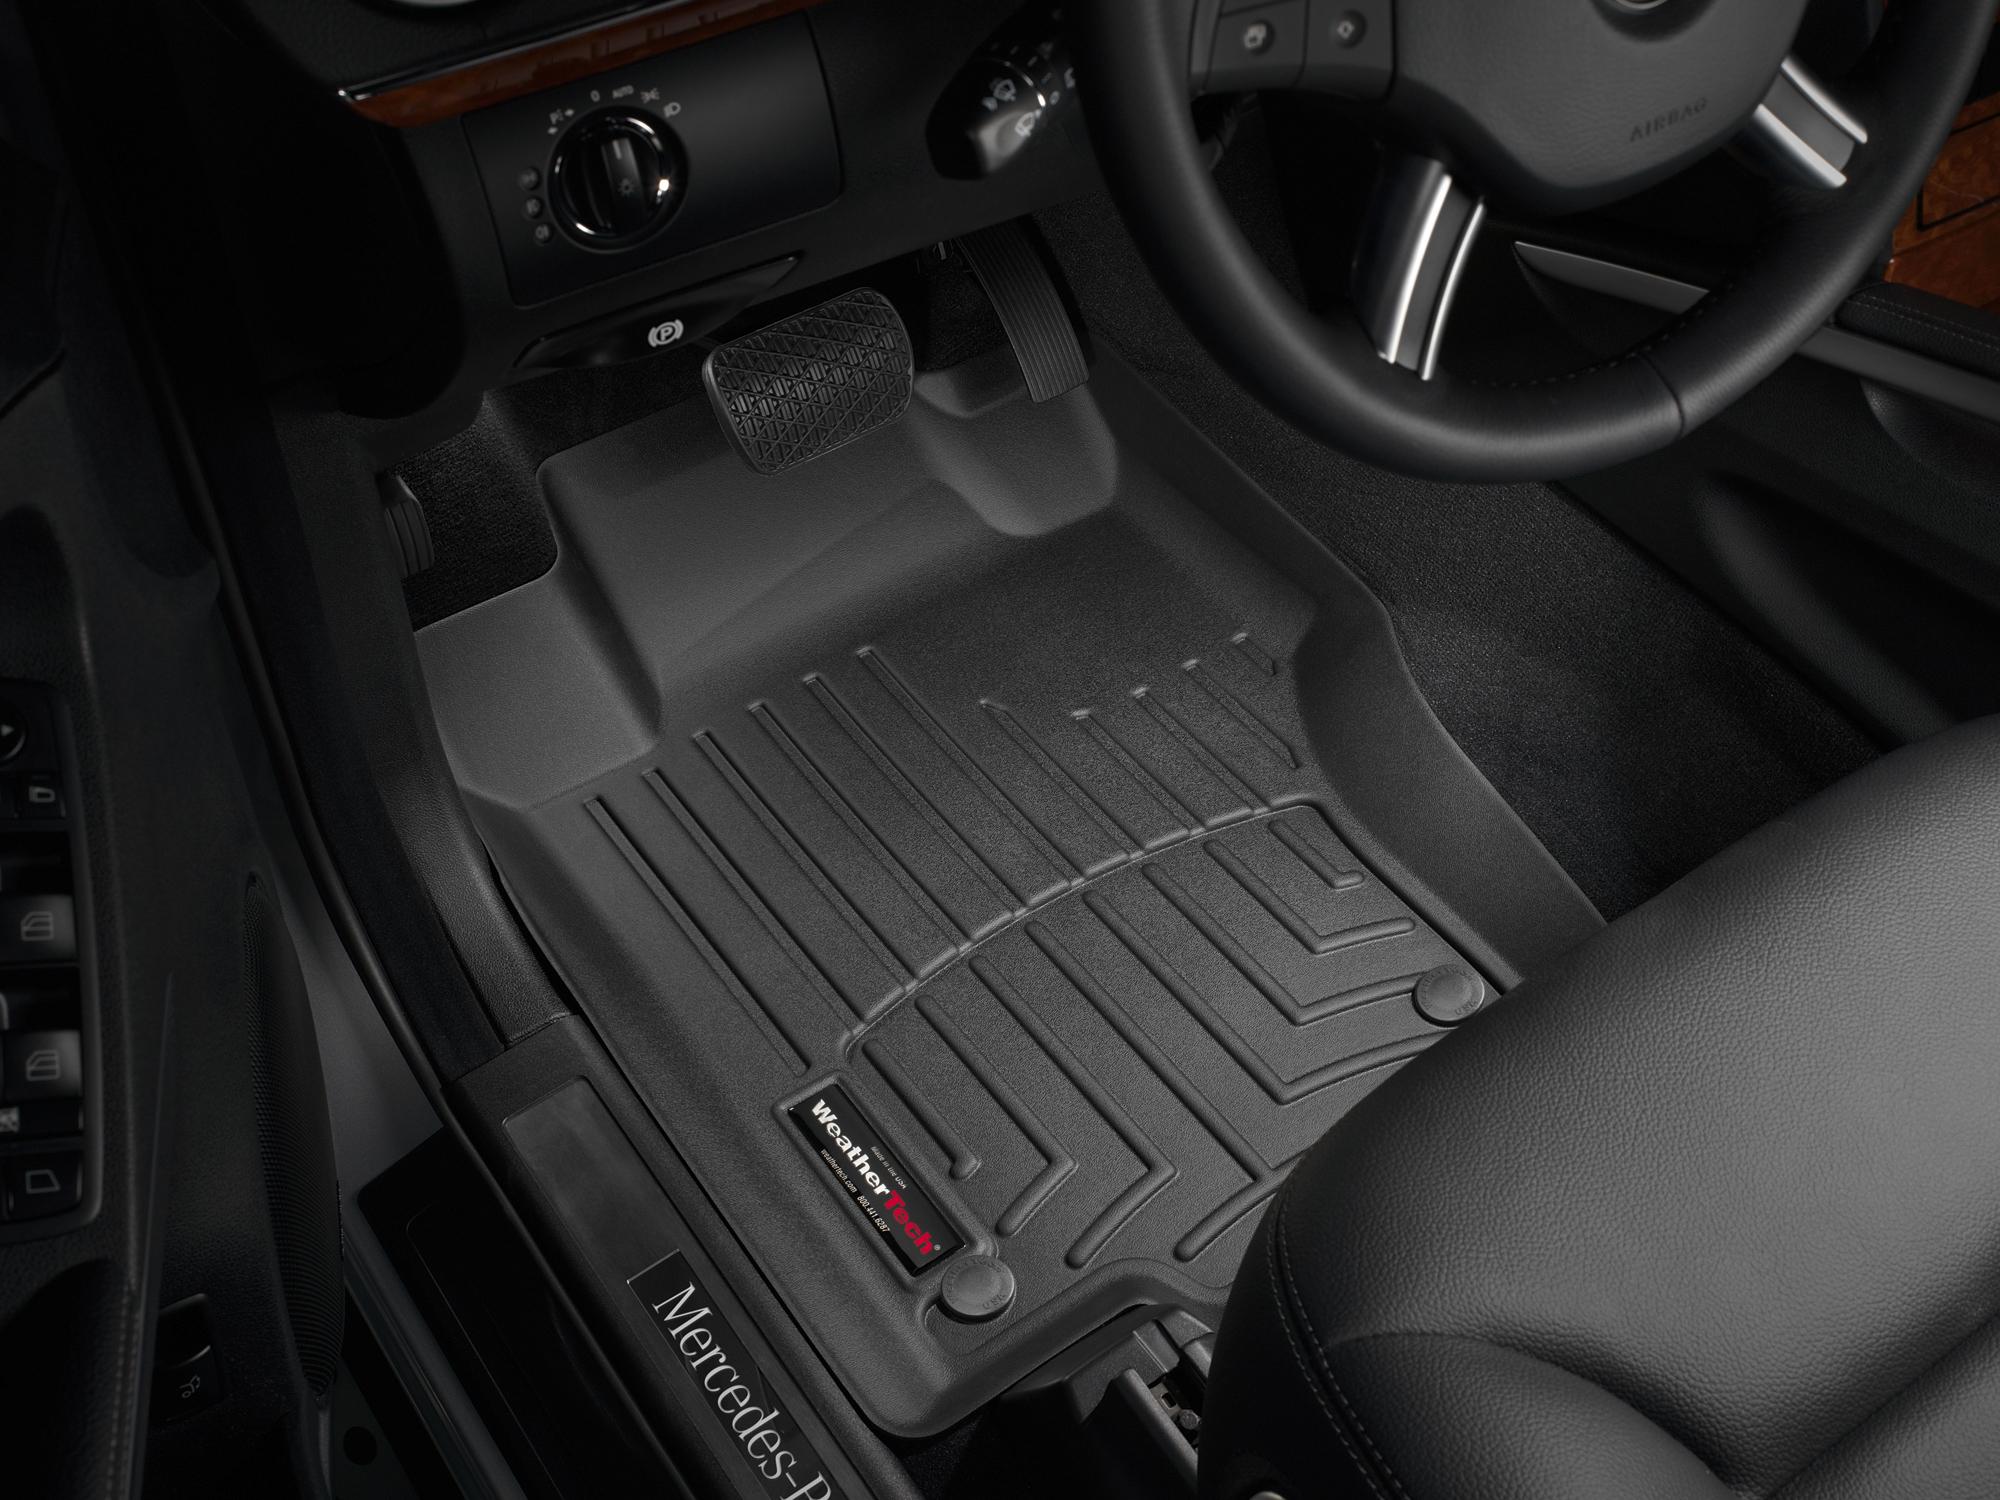 Tappeti gomma su misura bordo alto Mercedes ML-Class 06>11 Nero A2529